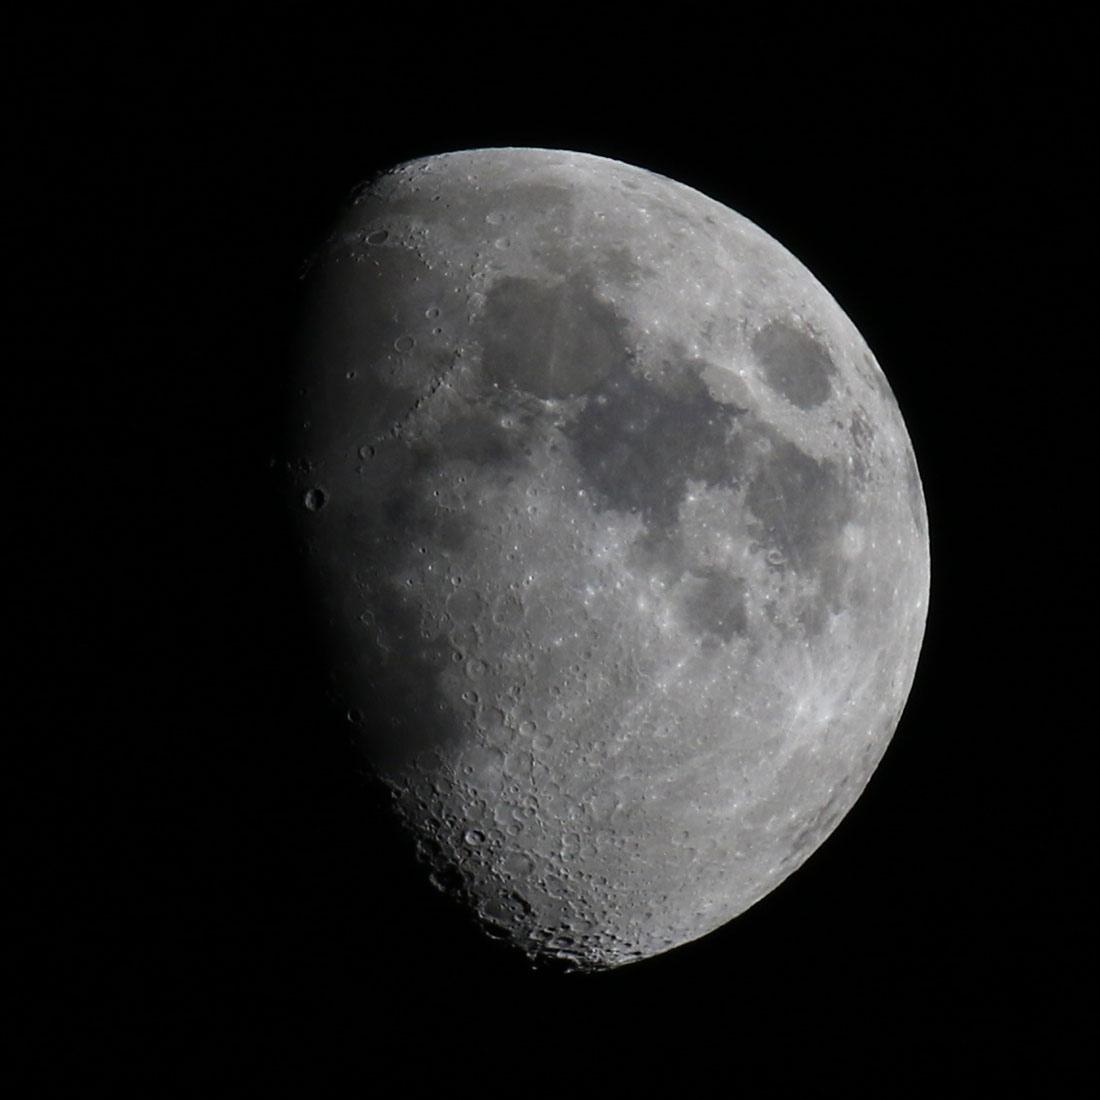 la lune le 11/07/2019 (39034)